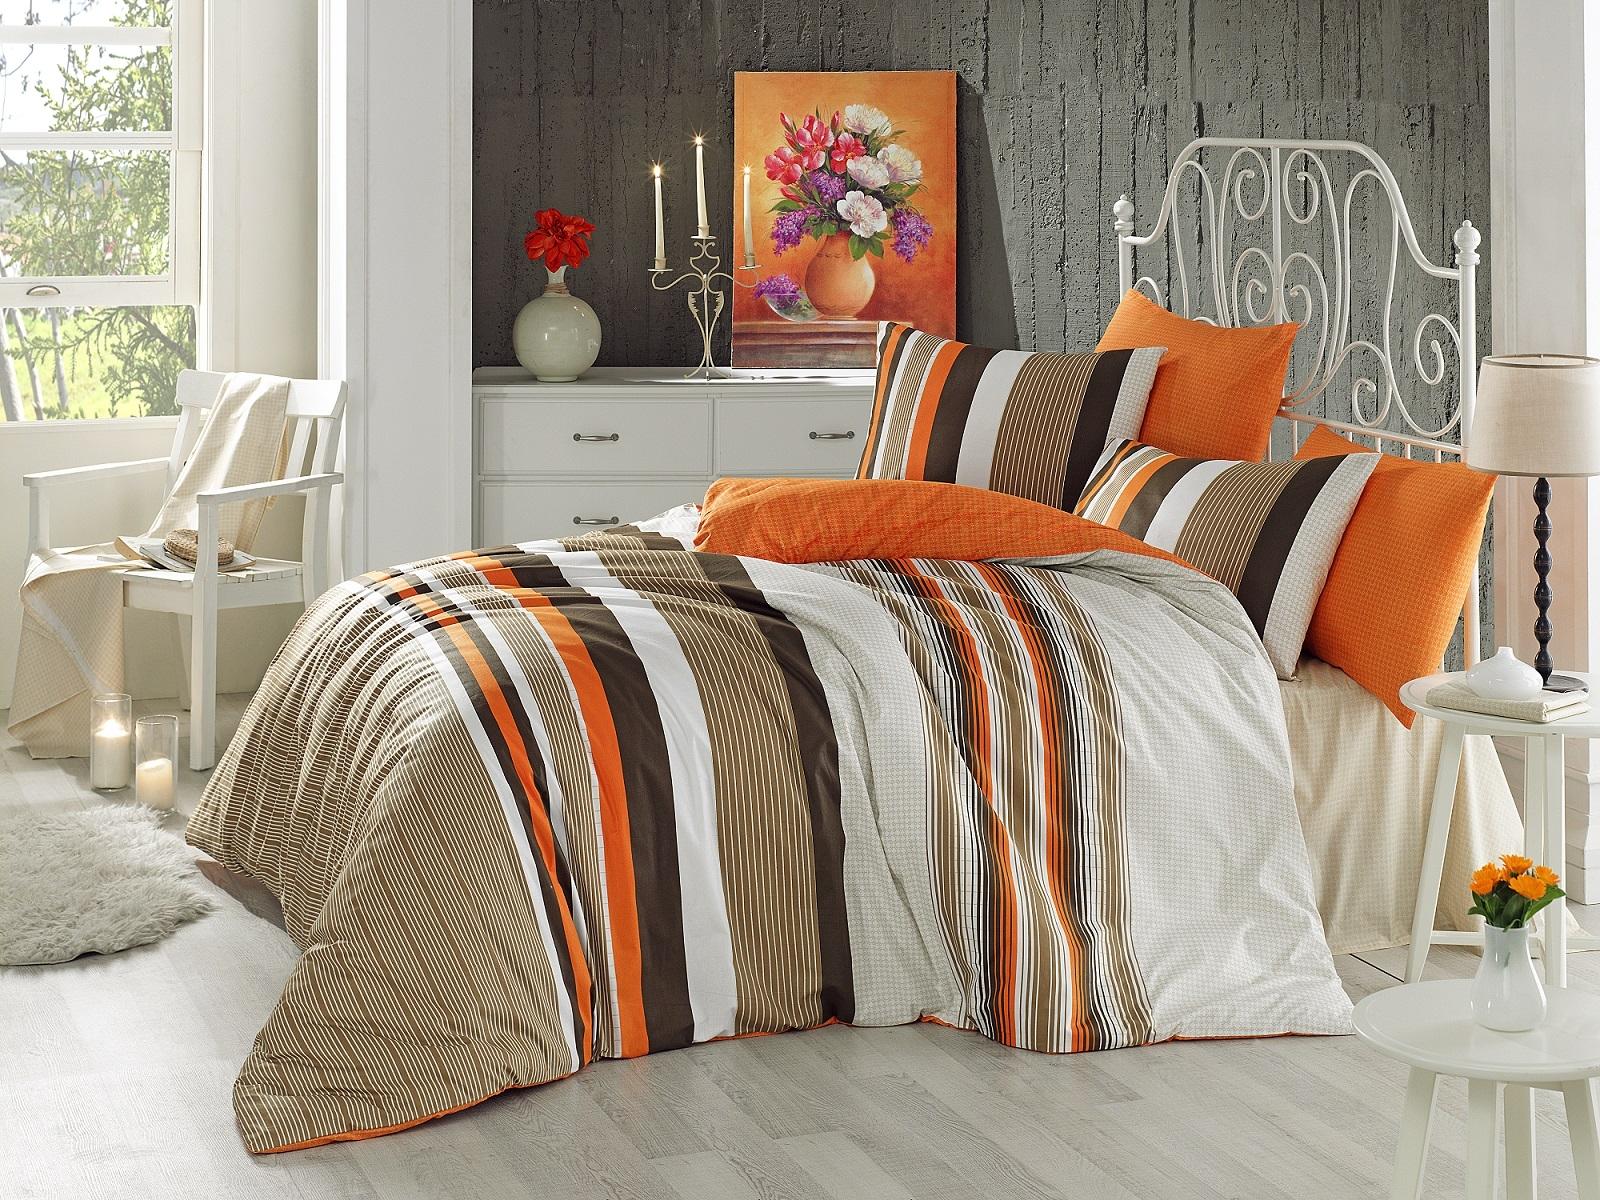 Lenjerie de pat Ranforce Touch V1 Orange-2 pers-200 x 220 cm-2 pers - 220 x 200 cm